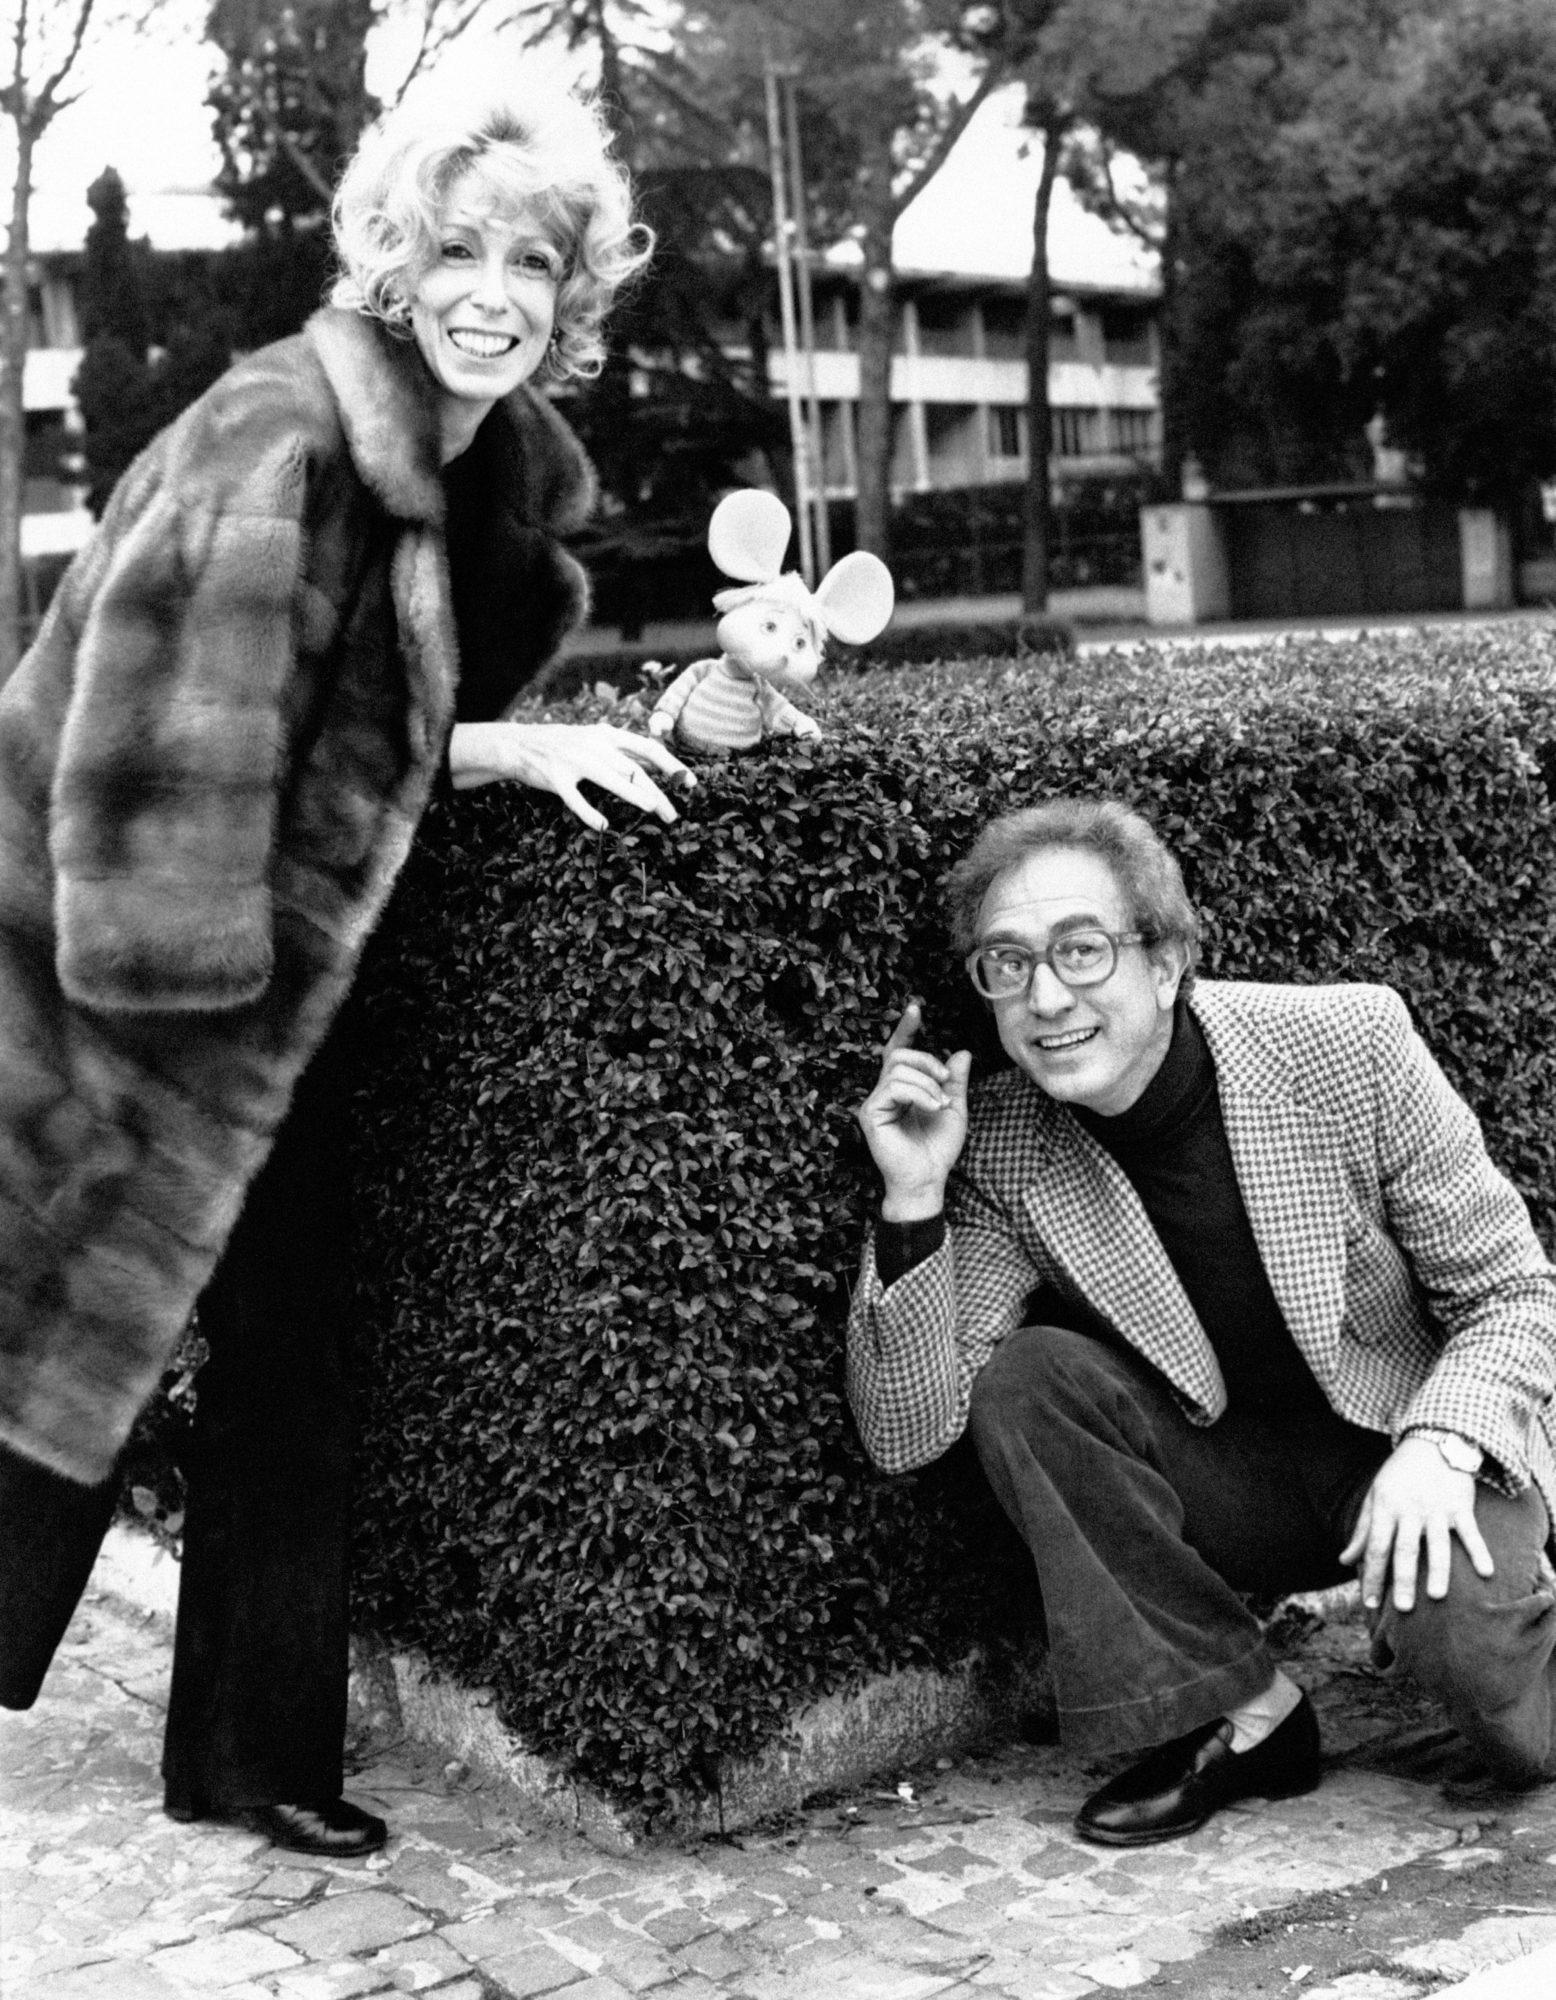 Maria Perego y Topo Gigio